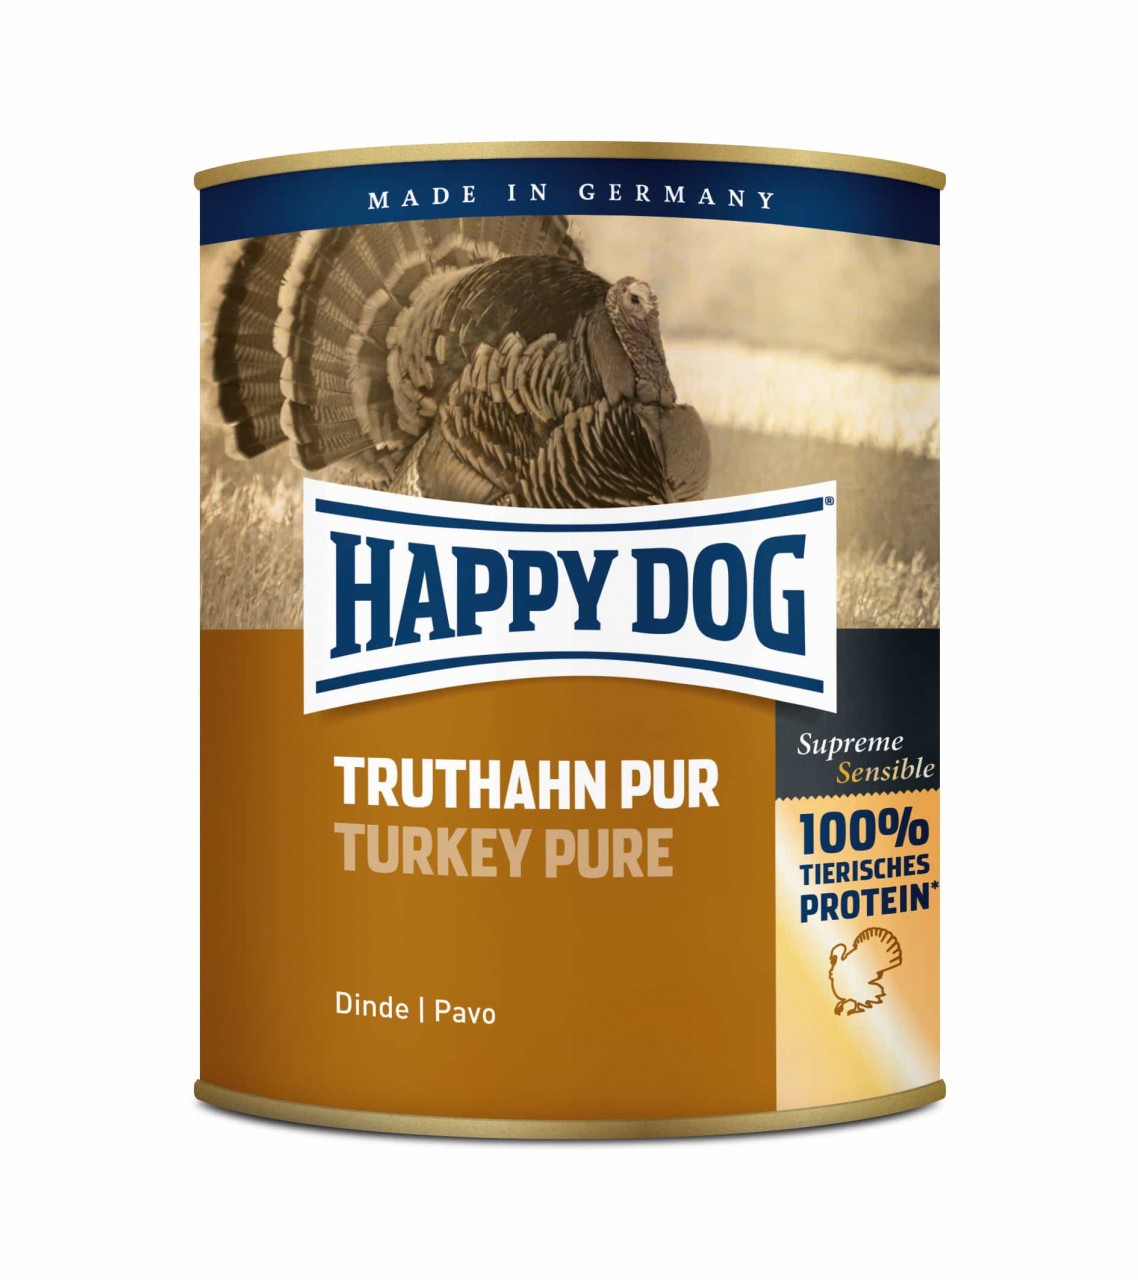 6 x 800g Dose Happy Dog Truthahn Pur getreidefrei 100% tierisches Protein